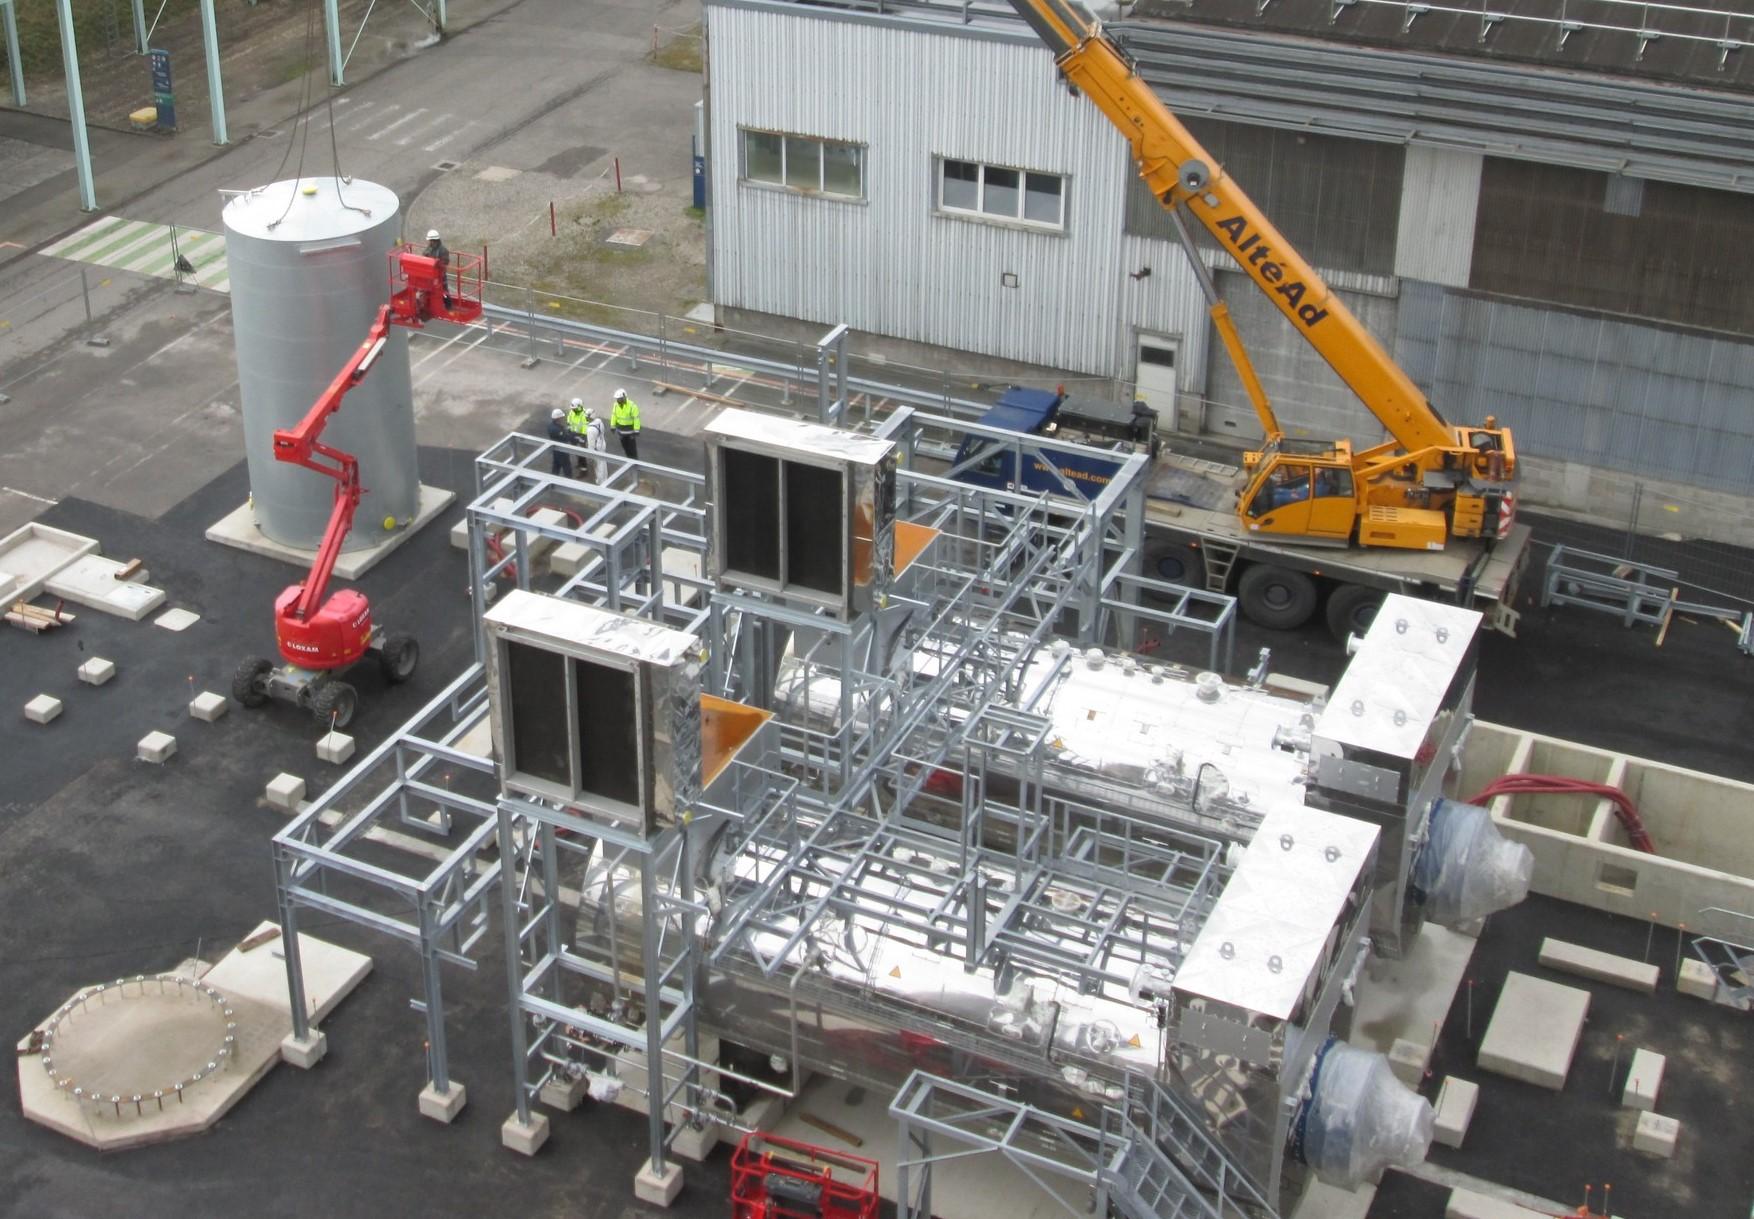 Chaufferie vapeur industrielle INEOS en cours de chantier avec 2 chaudières et condenseurs